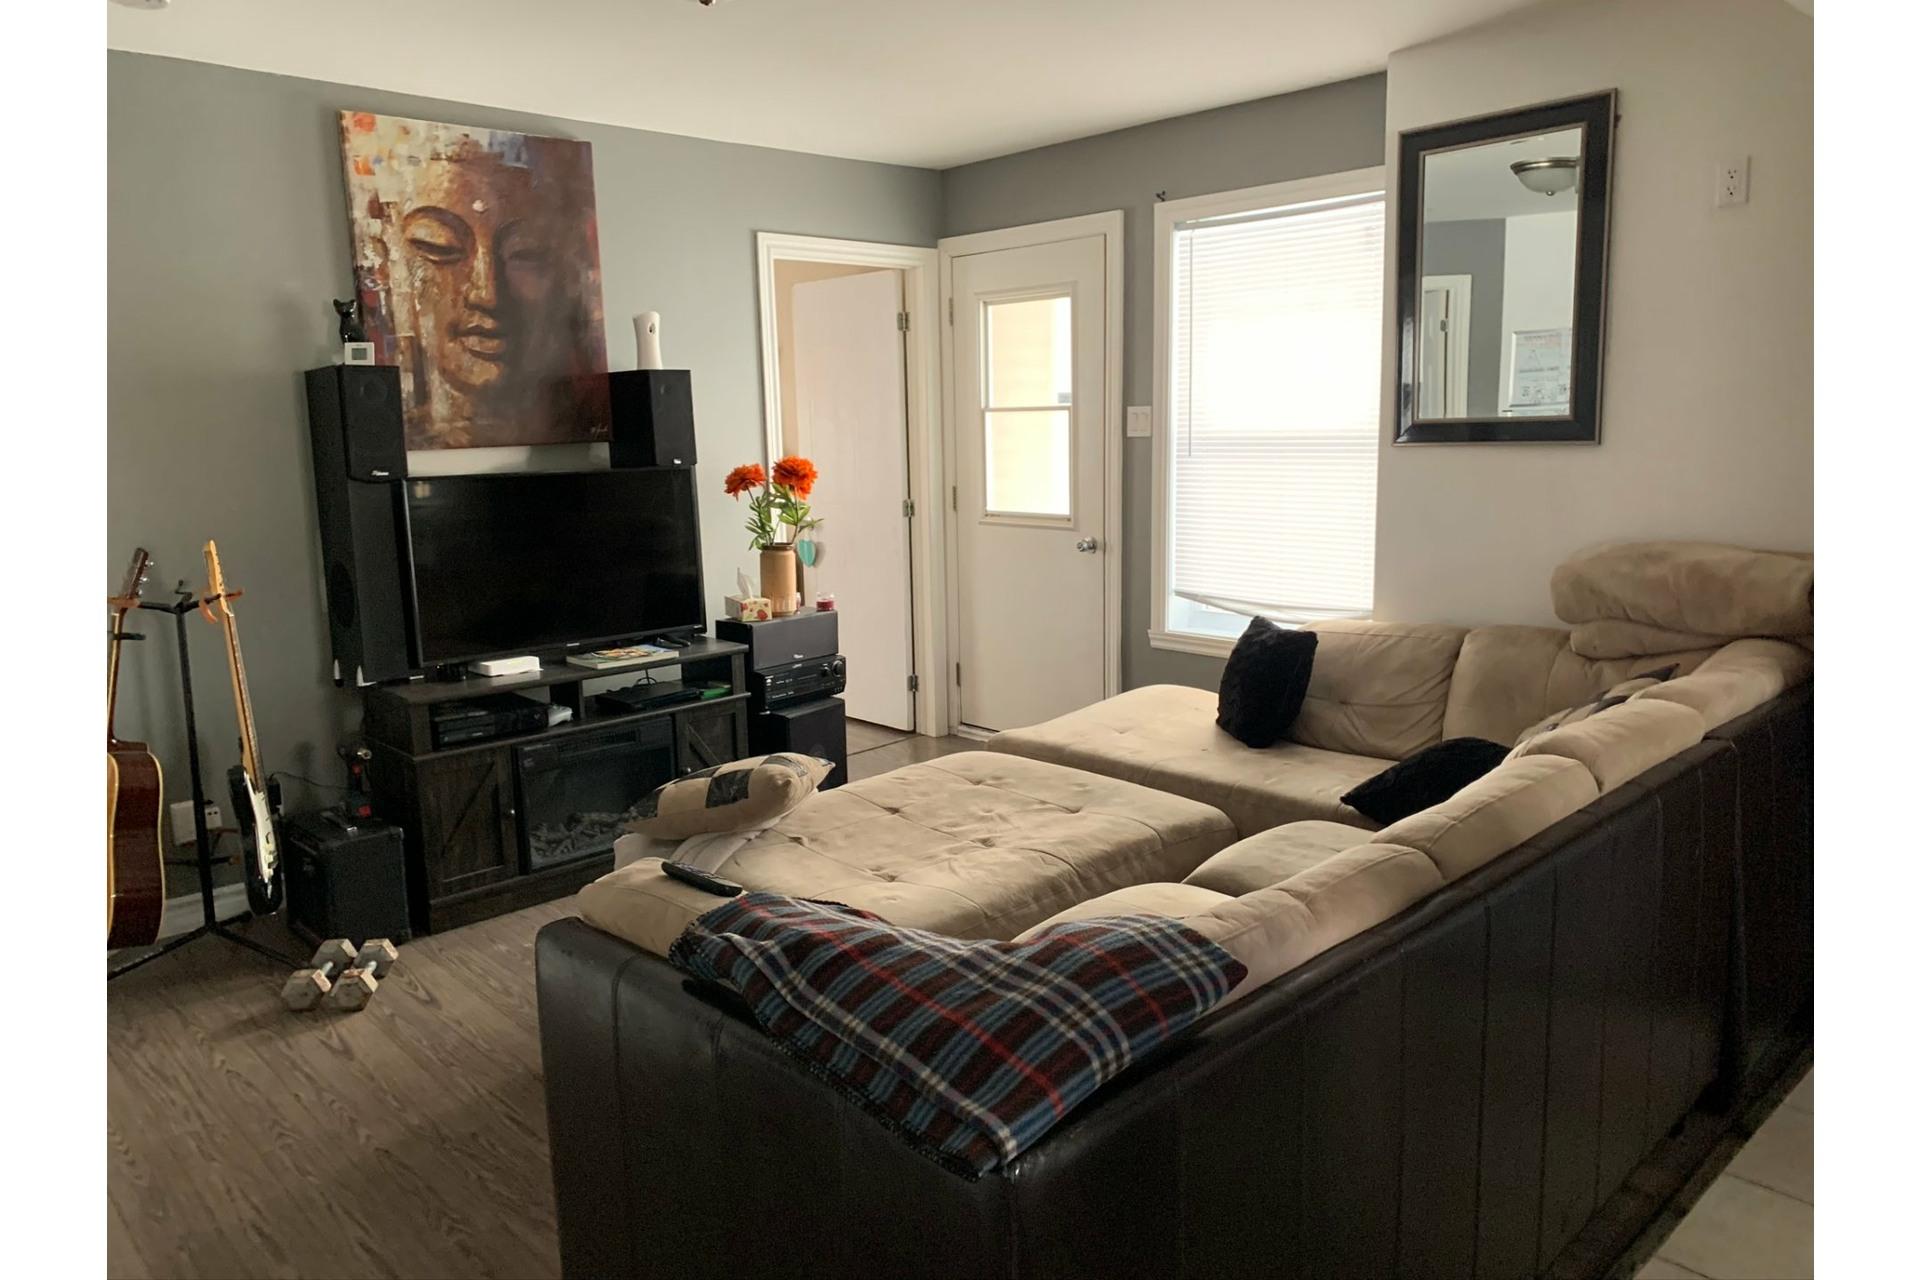 image 9 - Duplex For sale Trois-Rivières - 6 rooms